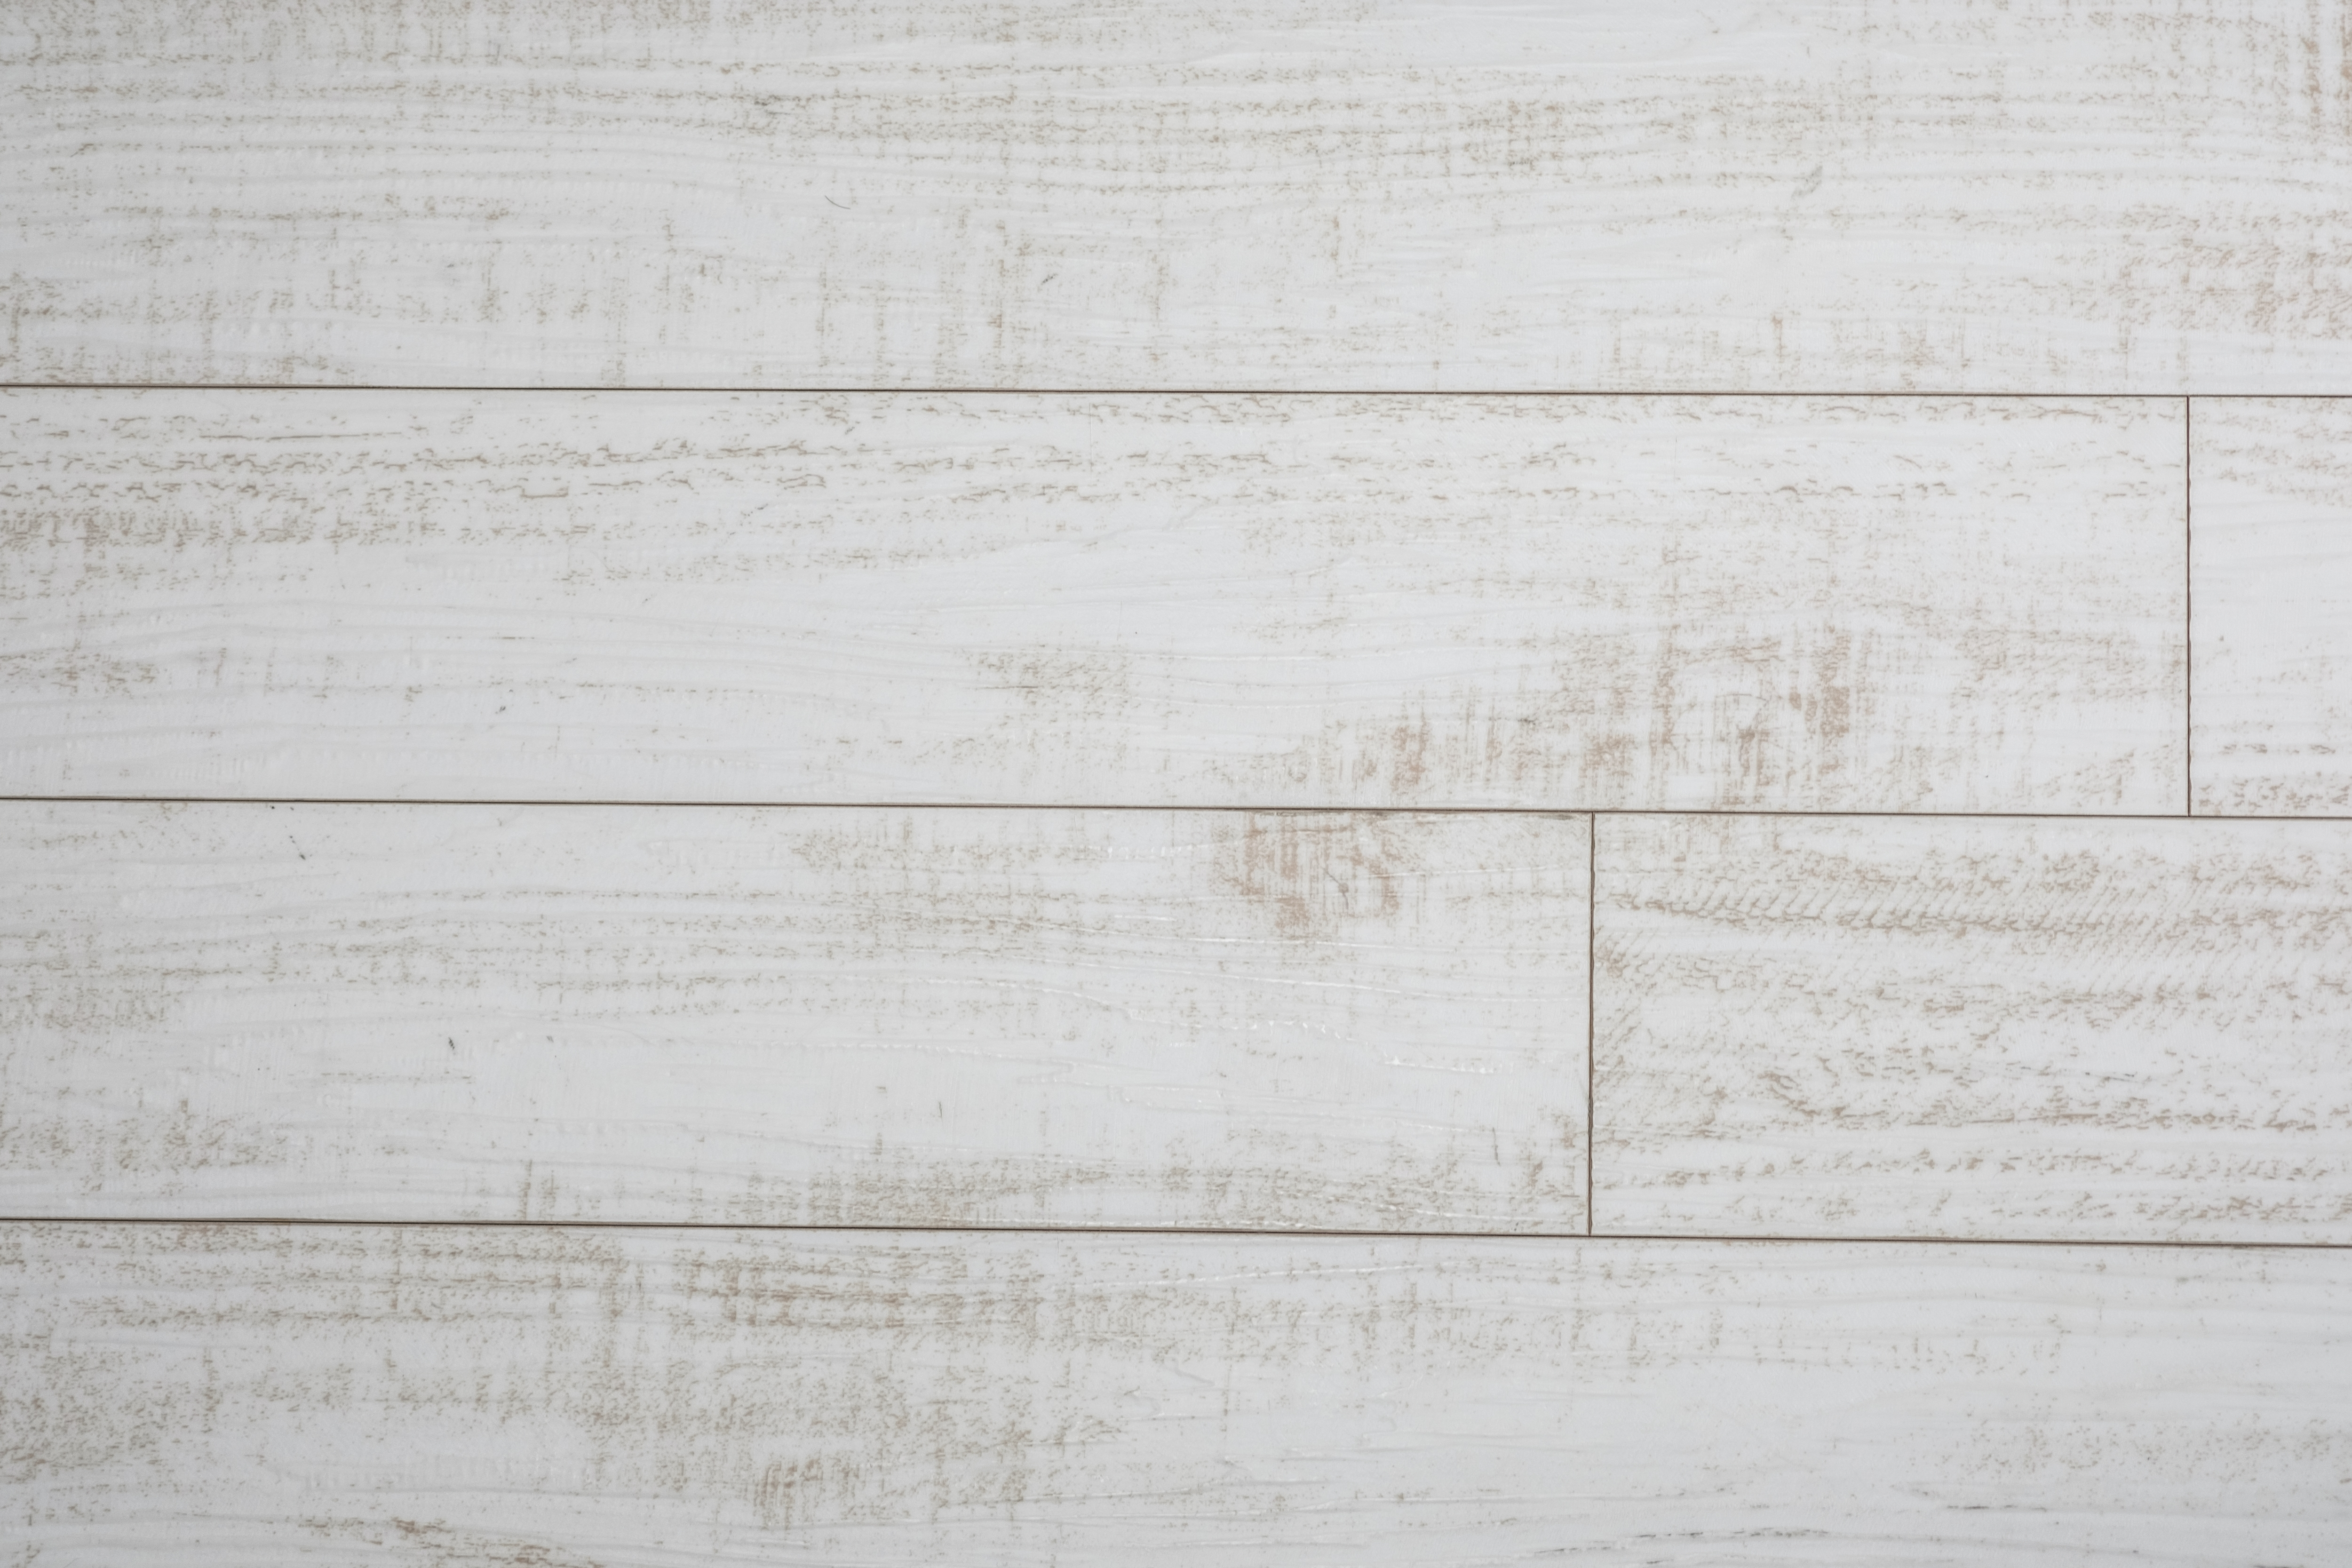 白い木目壁 テクスチャ の無料の写真素材 フリー素材 をダウンロード ぱくたそ